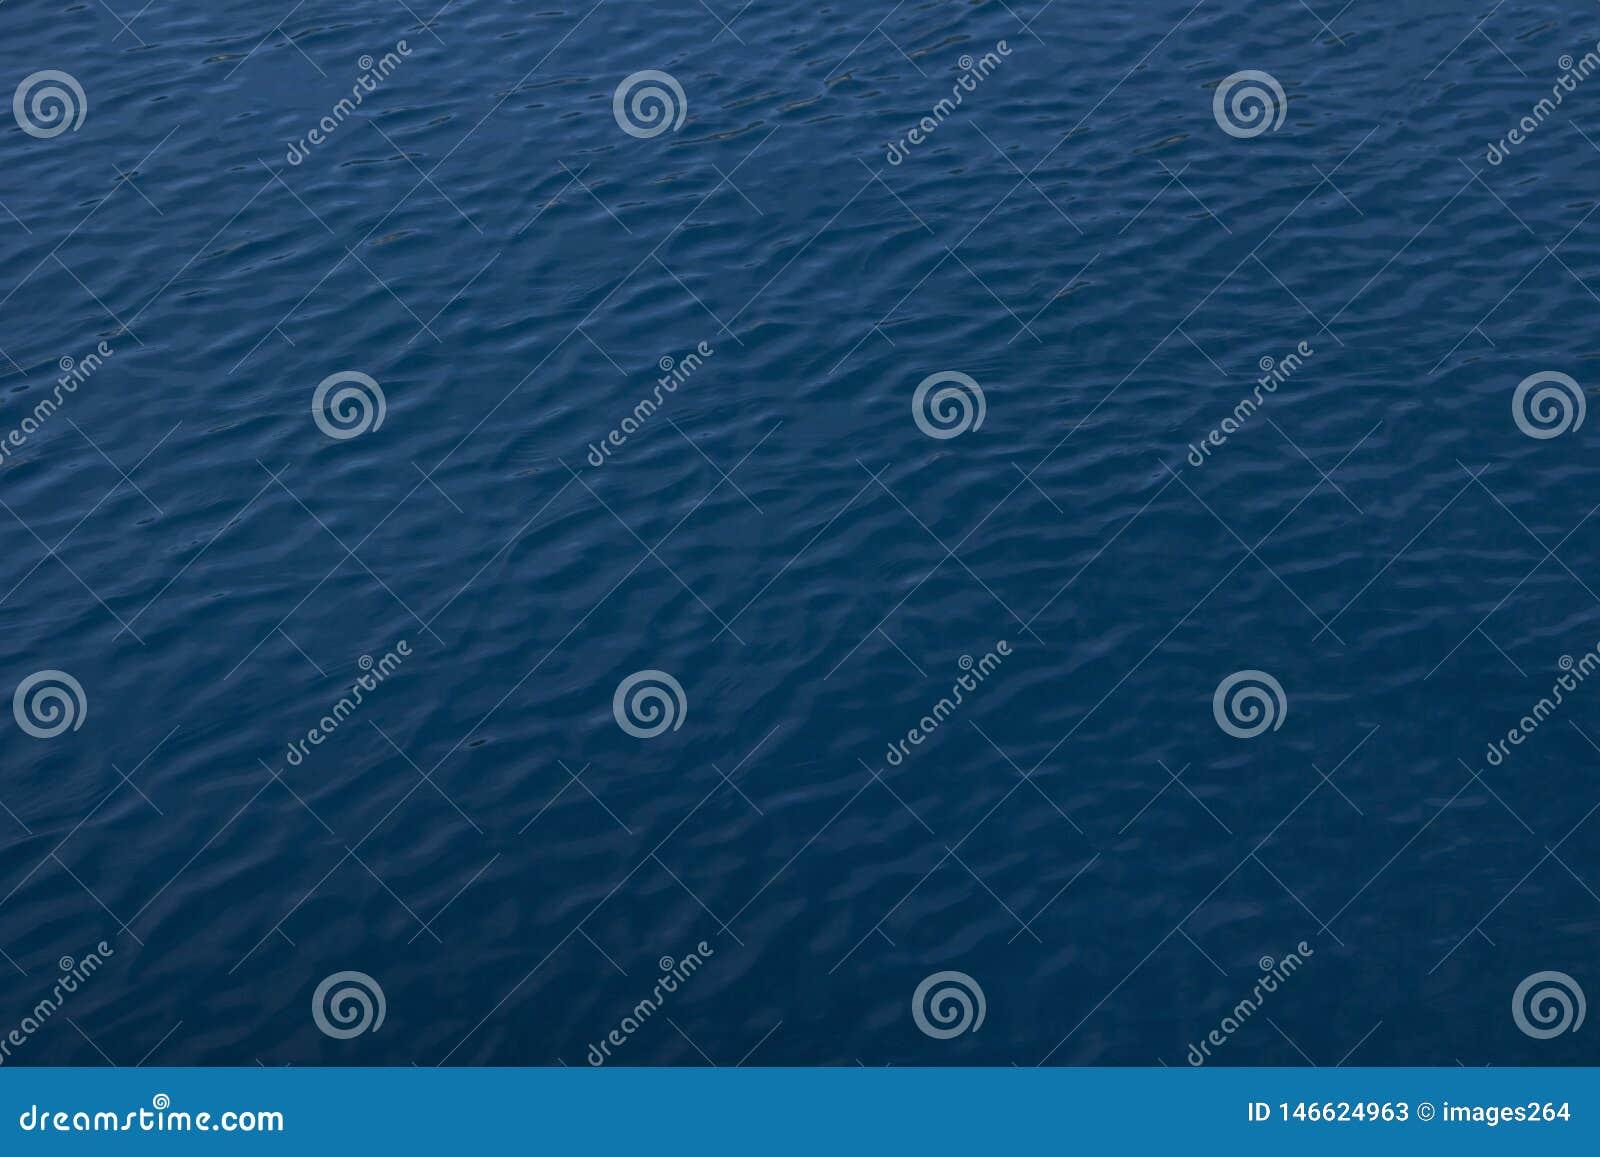 Blauwe Waterspiegel